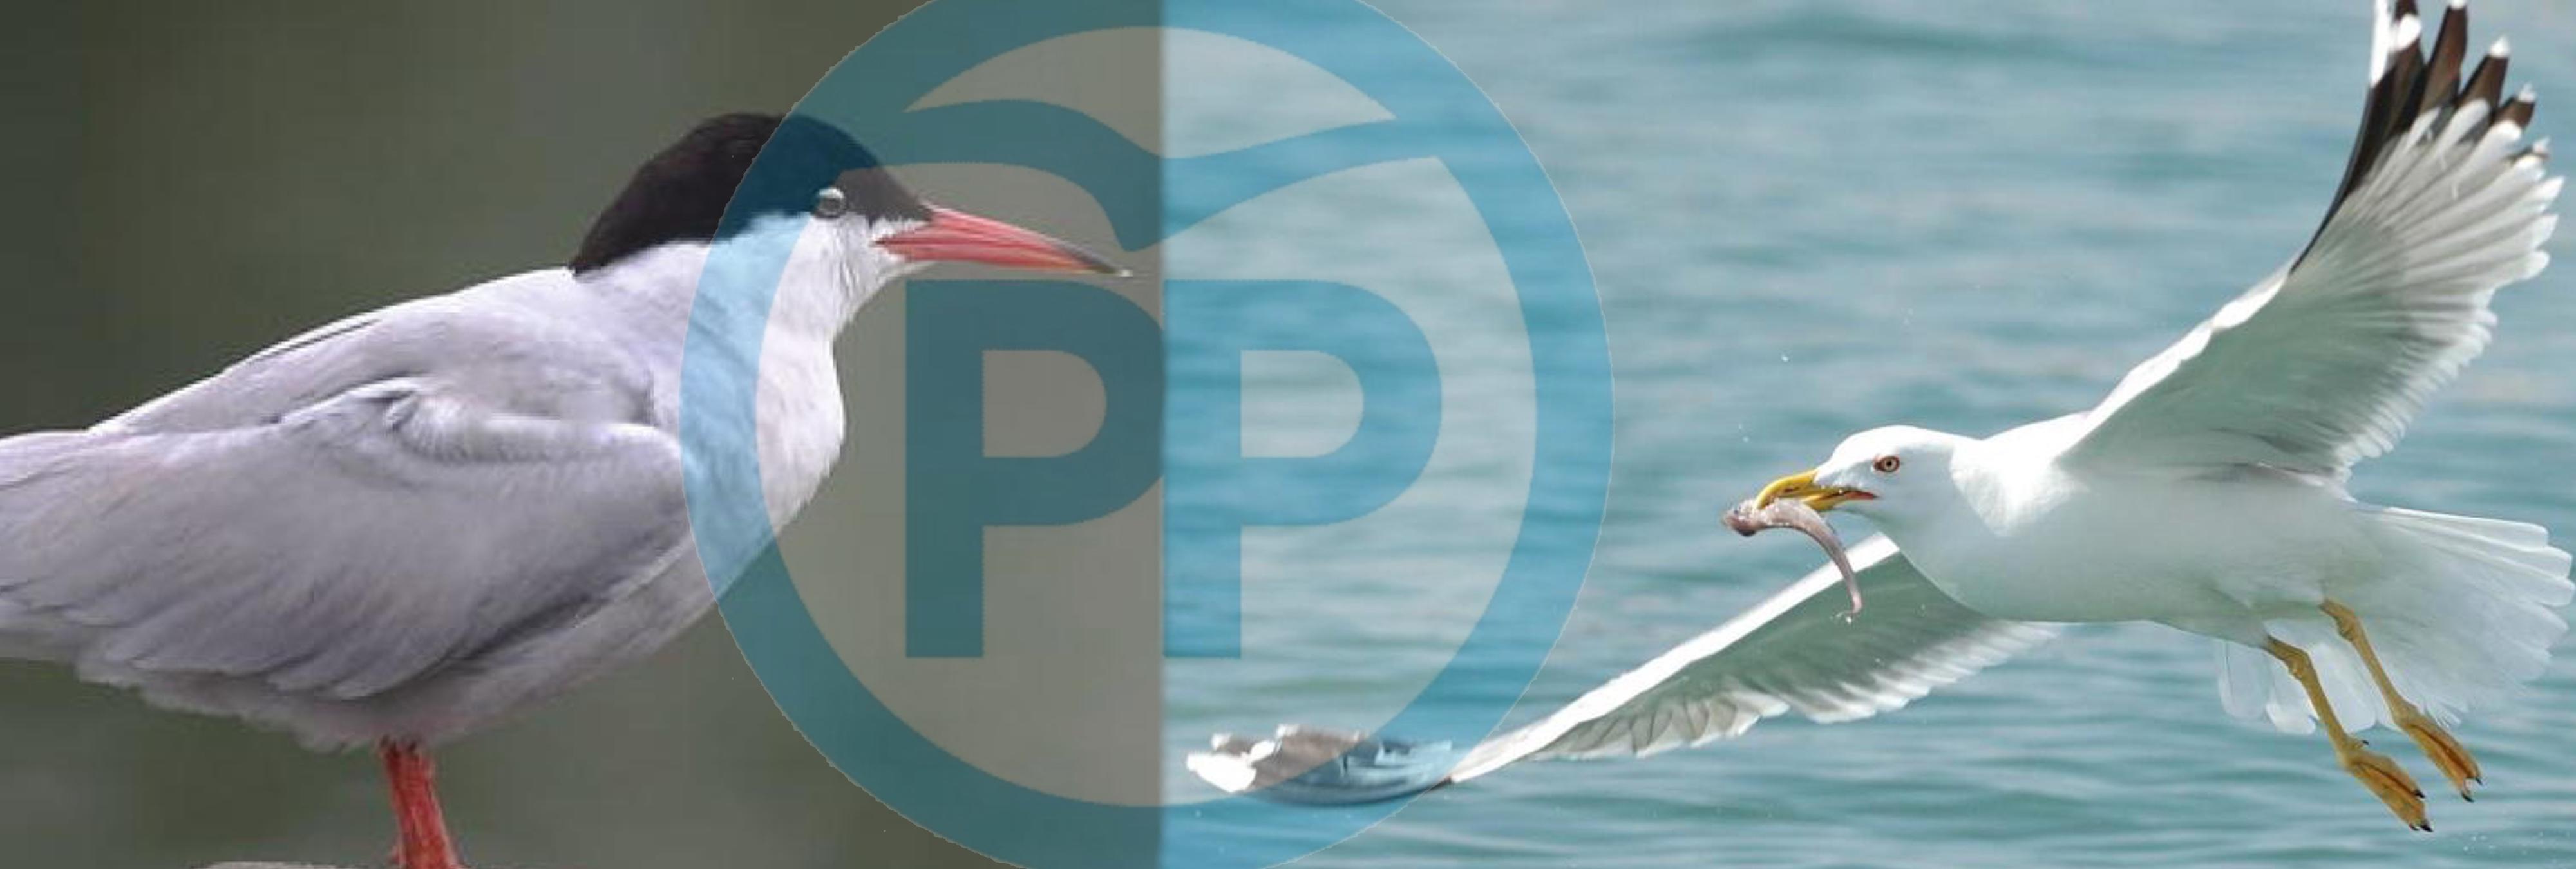 España dividida: ¿es el logo del PP una gaviota o un charrán?